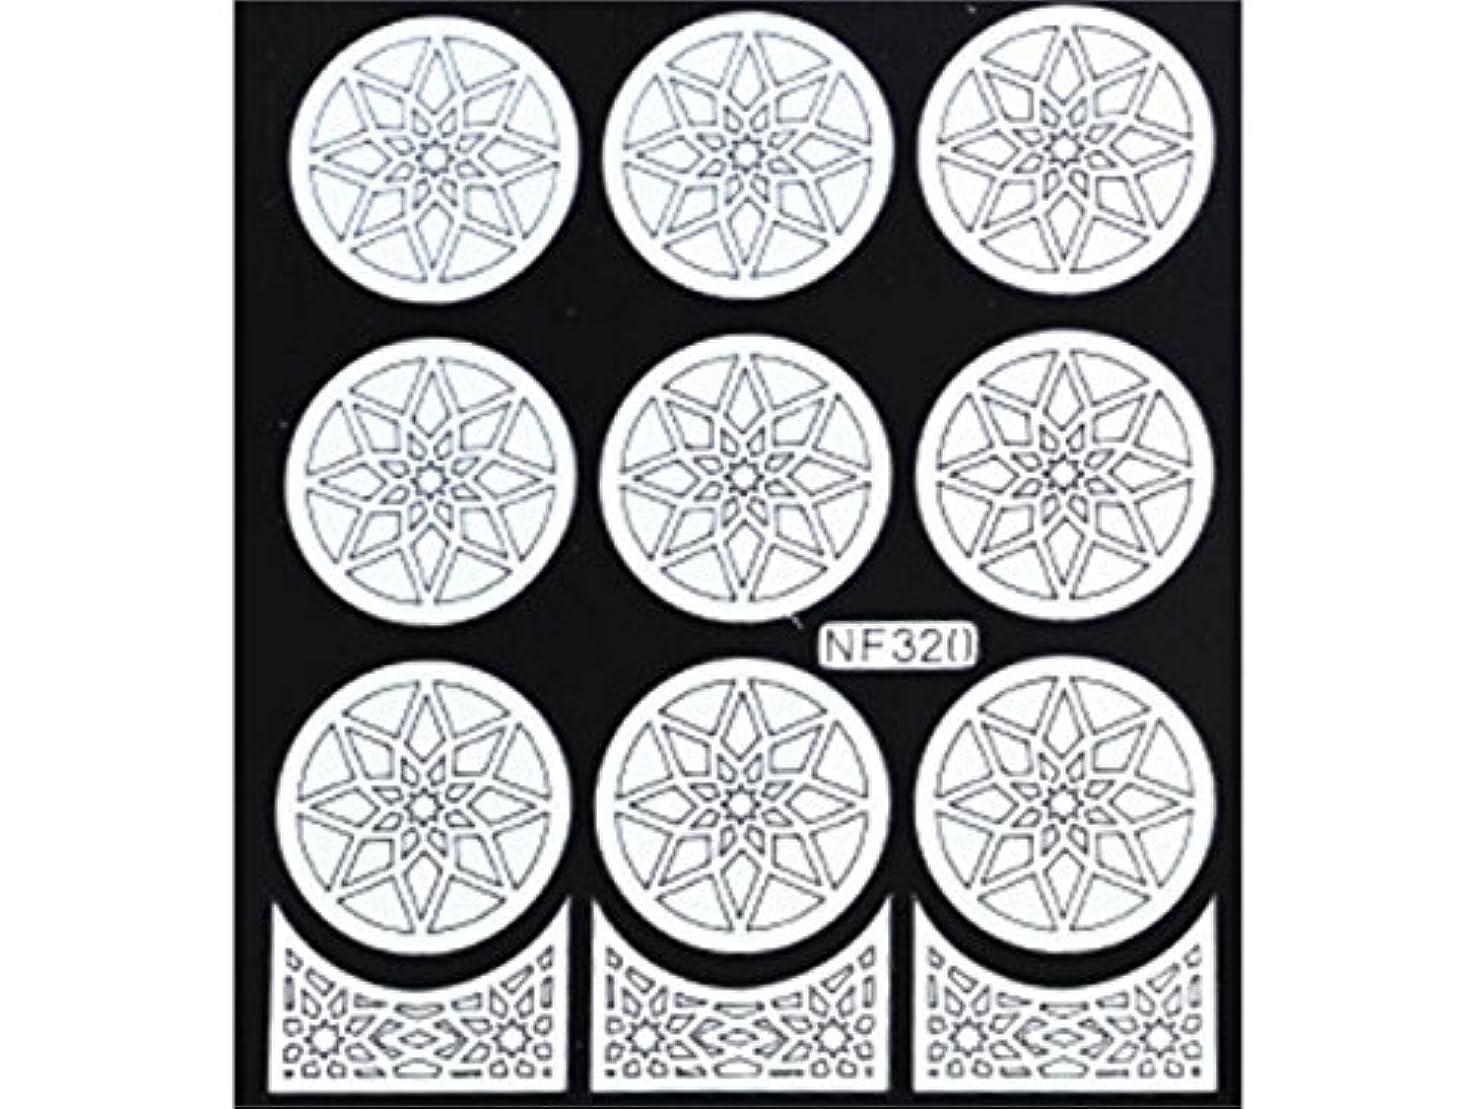 マーチャンダイジングオリエント誓うOsize 女性のネイルステッカーネイルアートプレートをスタンピングネイルポリッシュマニキュア印刷テンプレートDIYの装飾(シルバー)